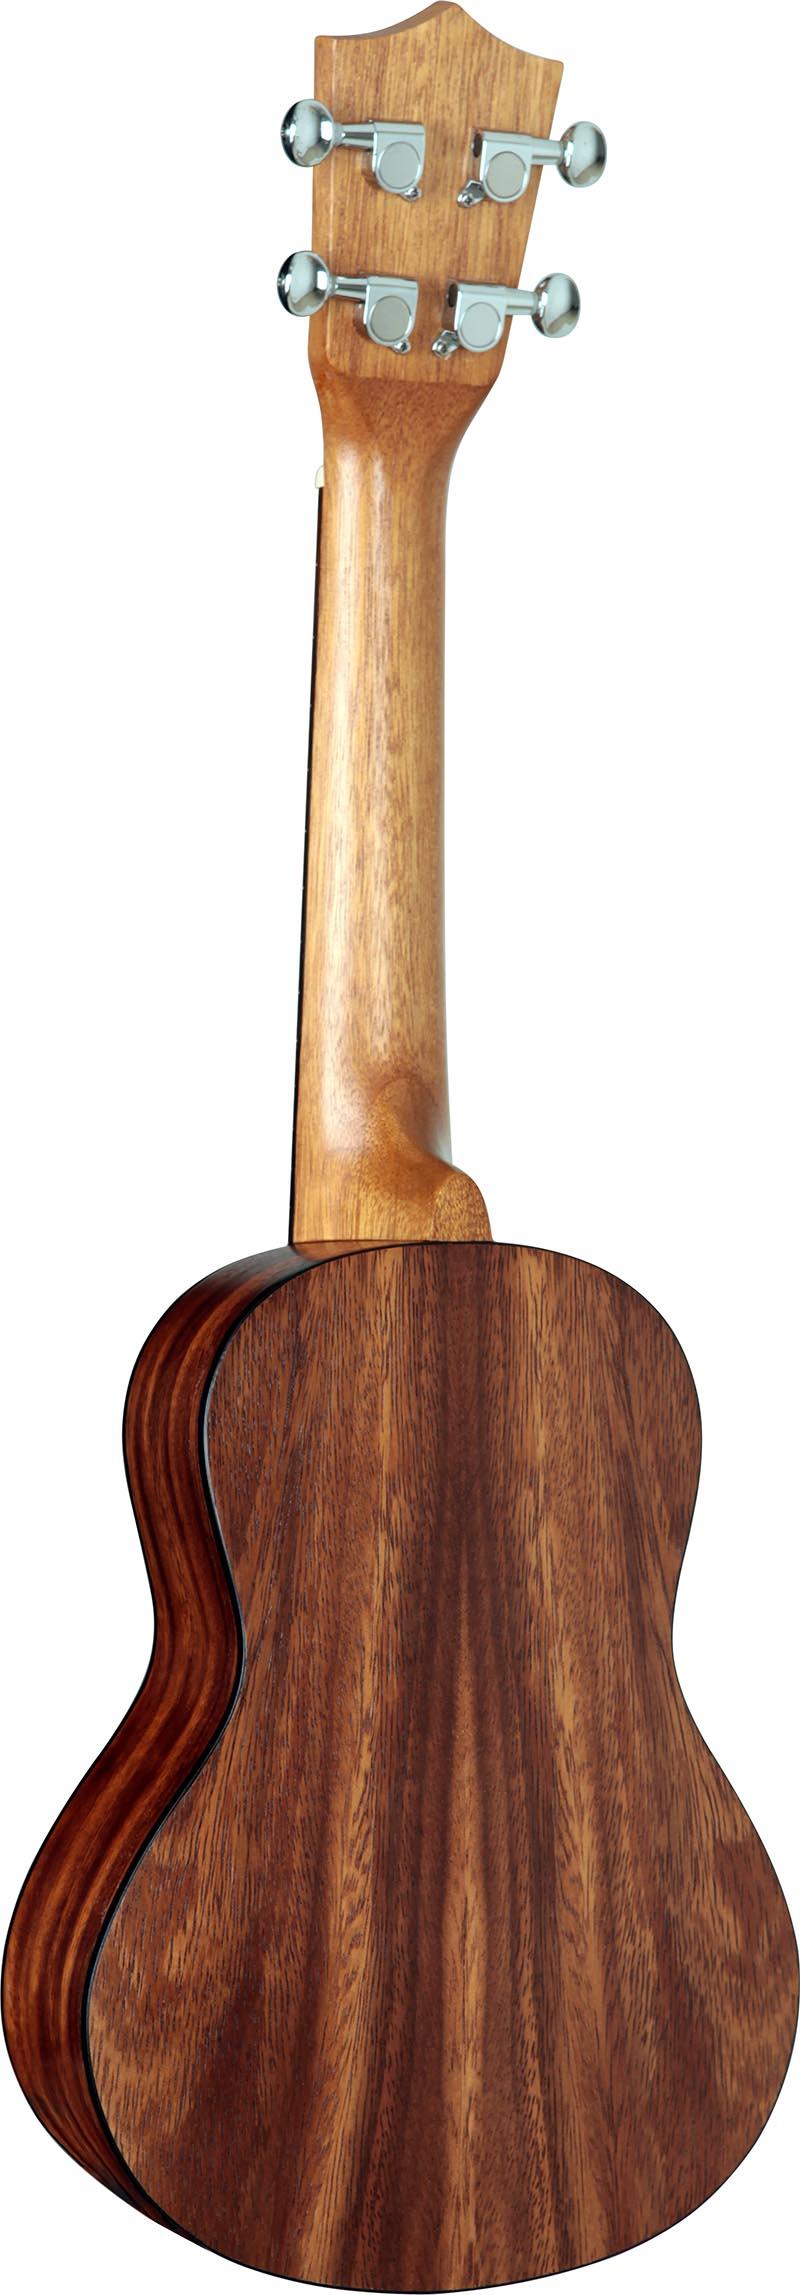 su23t ukulele concerto shelby su23t stnt teca acetinado visao posterior vertical